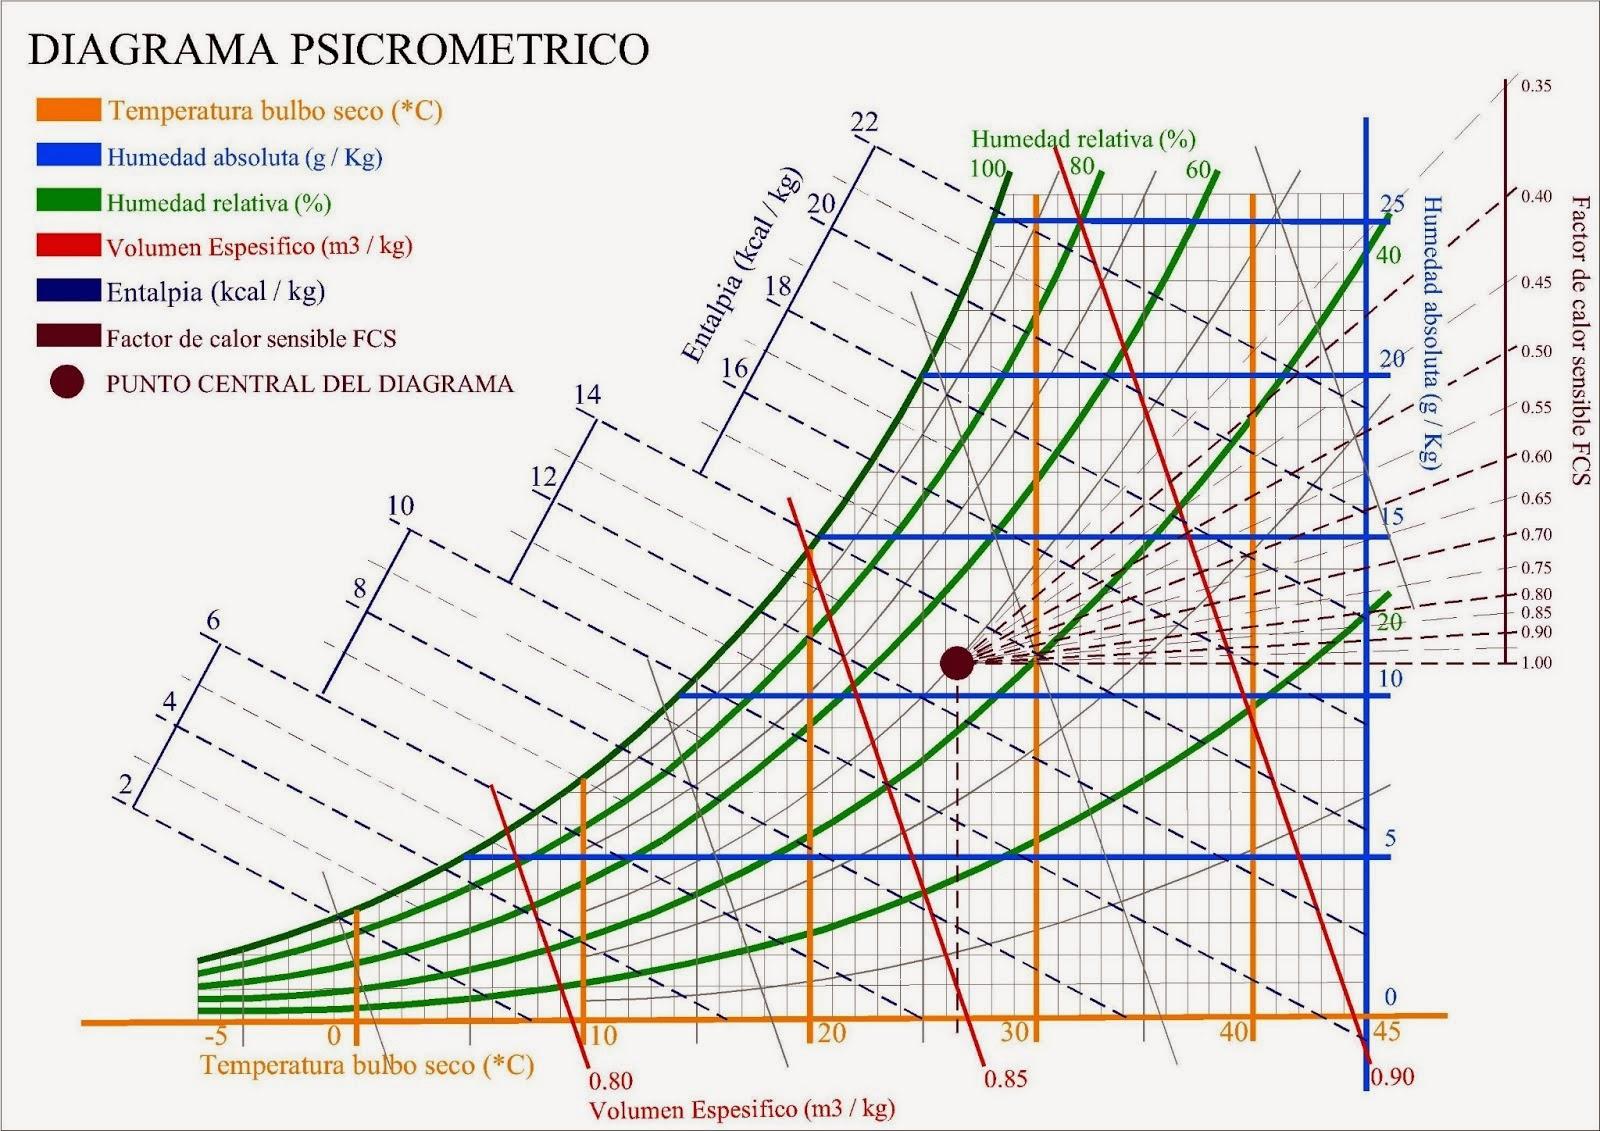 Modelo Entidad Relacion in addition Poster Of Hertzsprung Russell Diagram also El Tamano Si Importa in addition Acondicionamiento Termico En La 7286 in addition 5 Tipos De Graficos Para Medir El Social Media Roi Via Clickefectivo. on diagrama hr